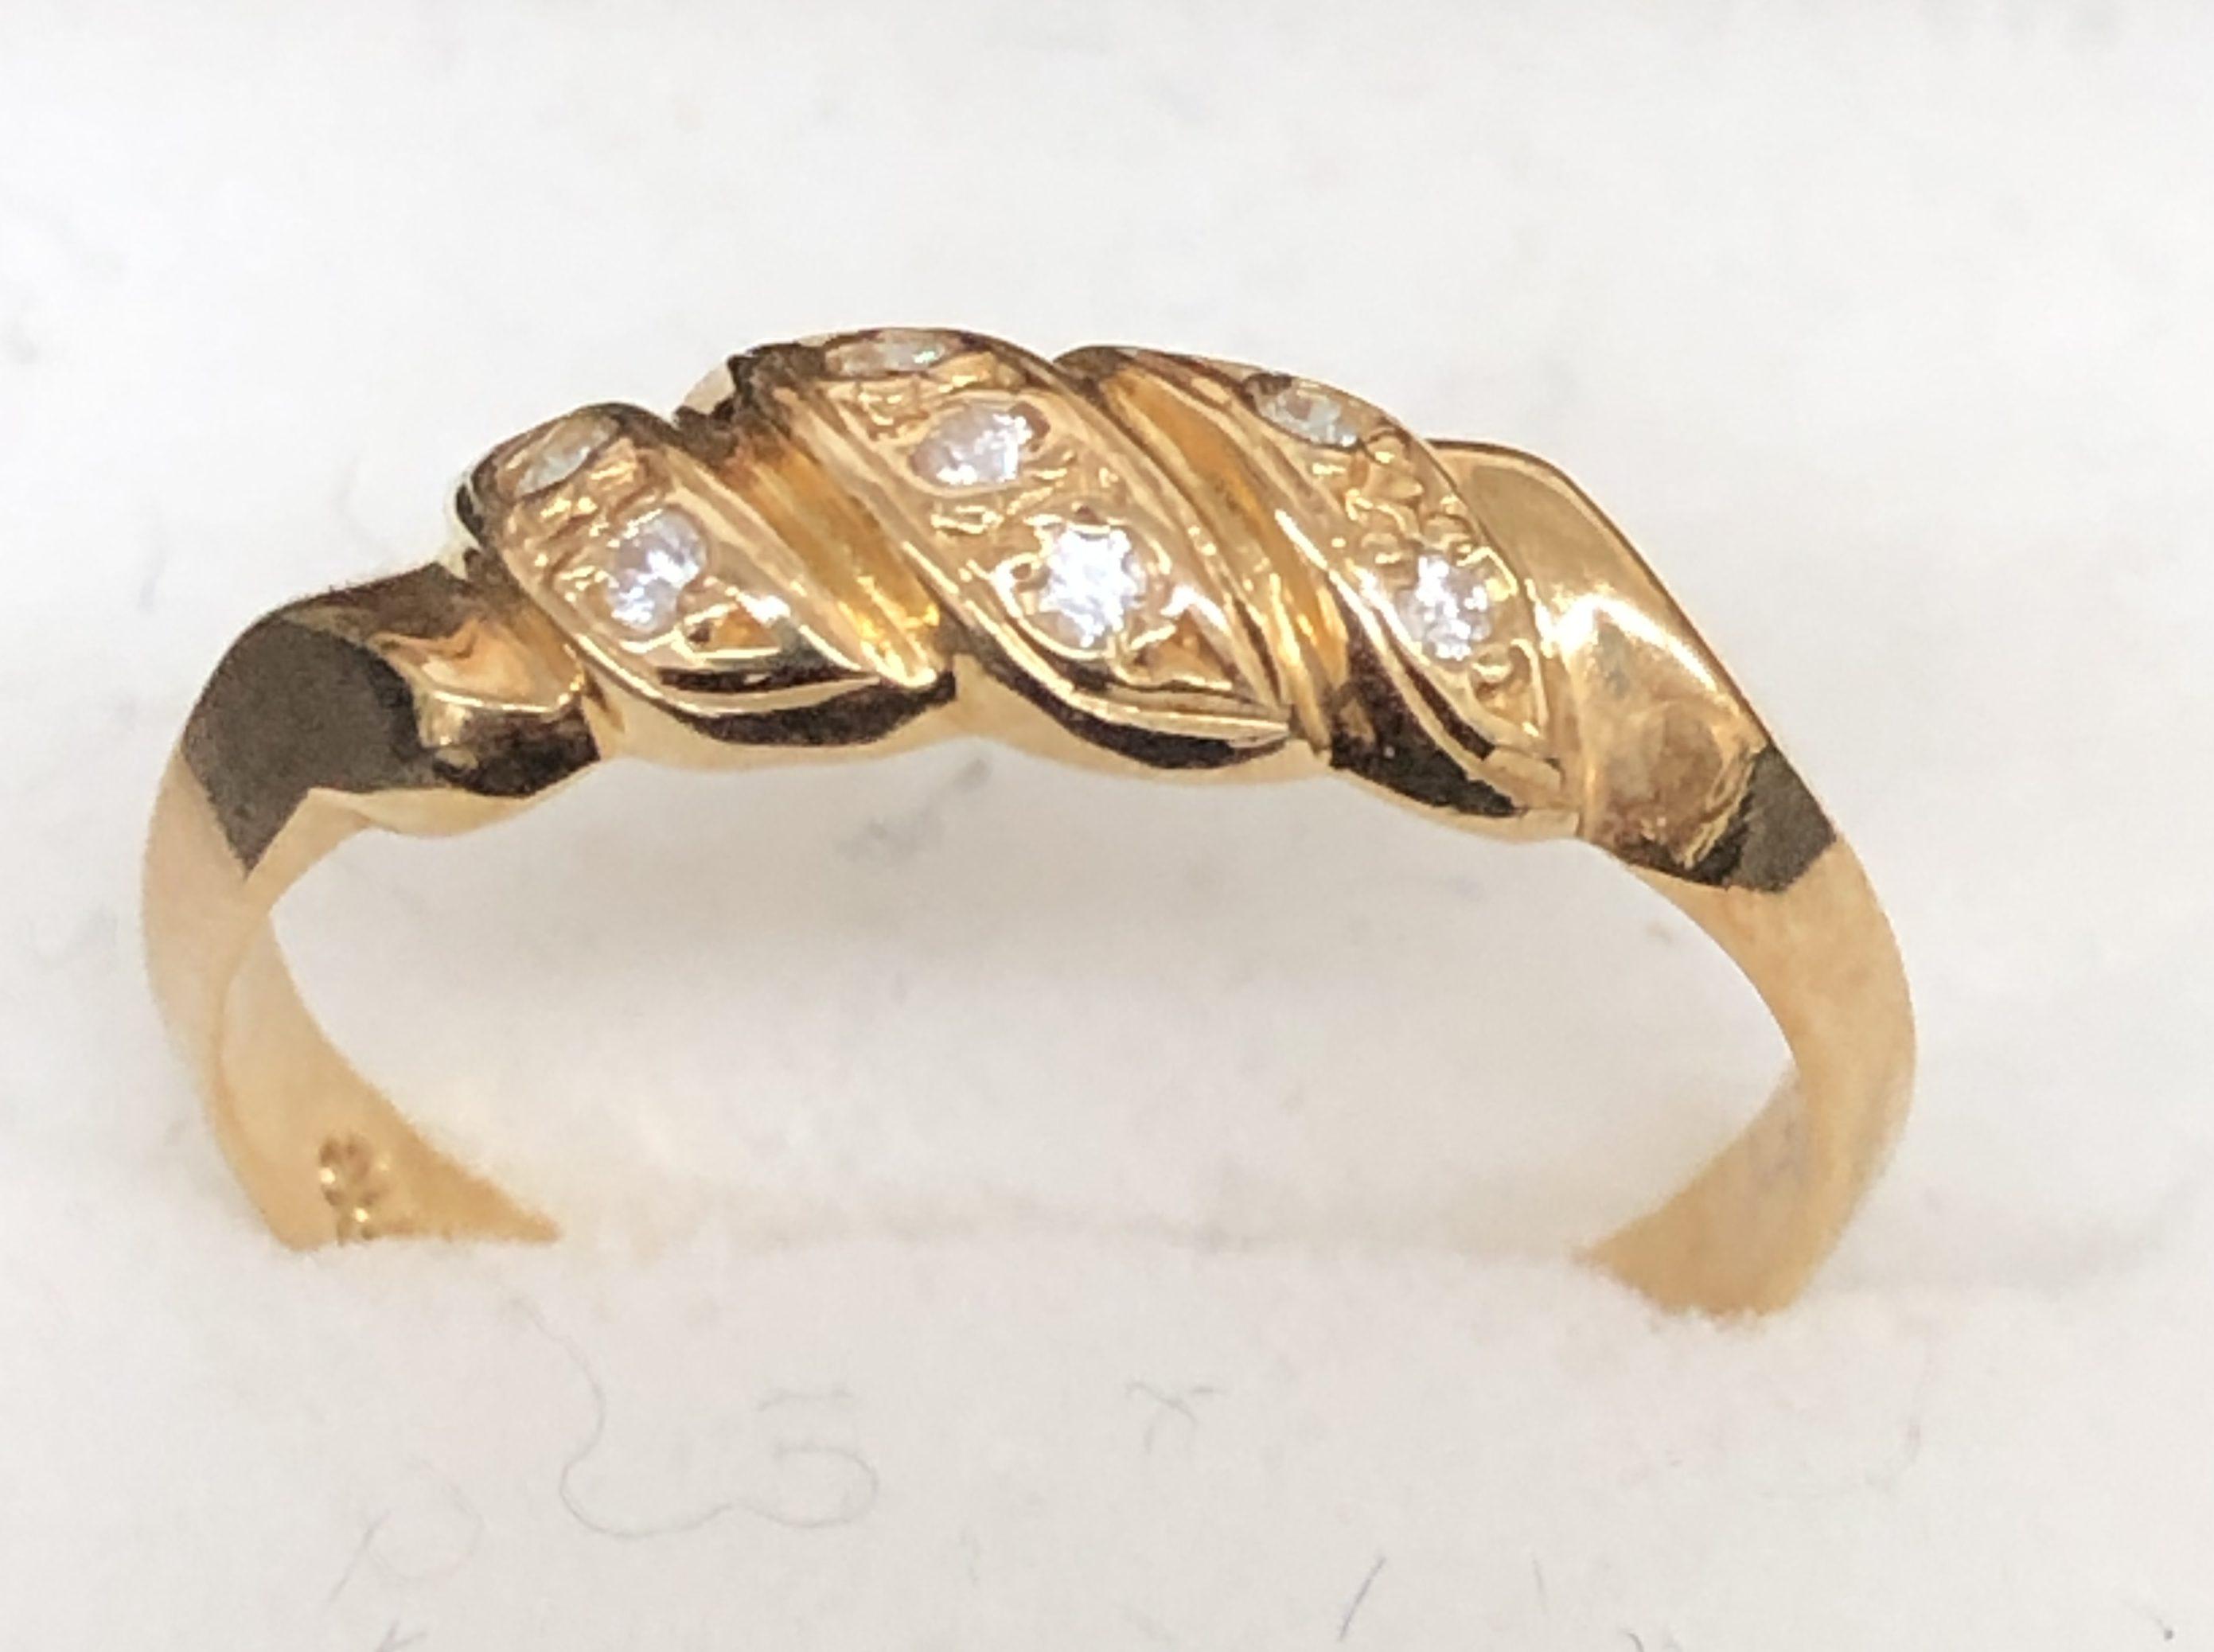 金 プラチナ 貴金属 ダイヤモンド ネックレス 指輪 高額買取 買取